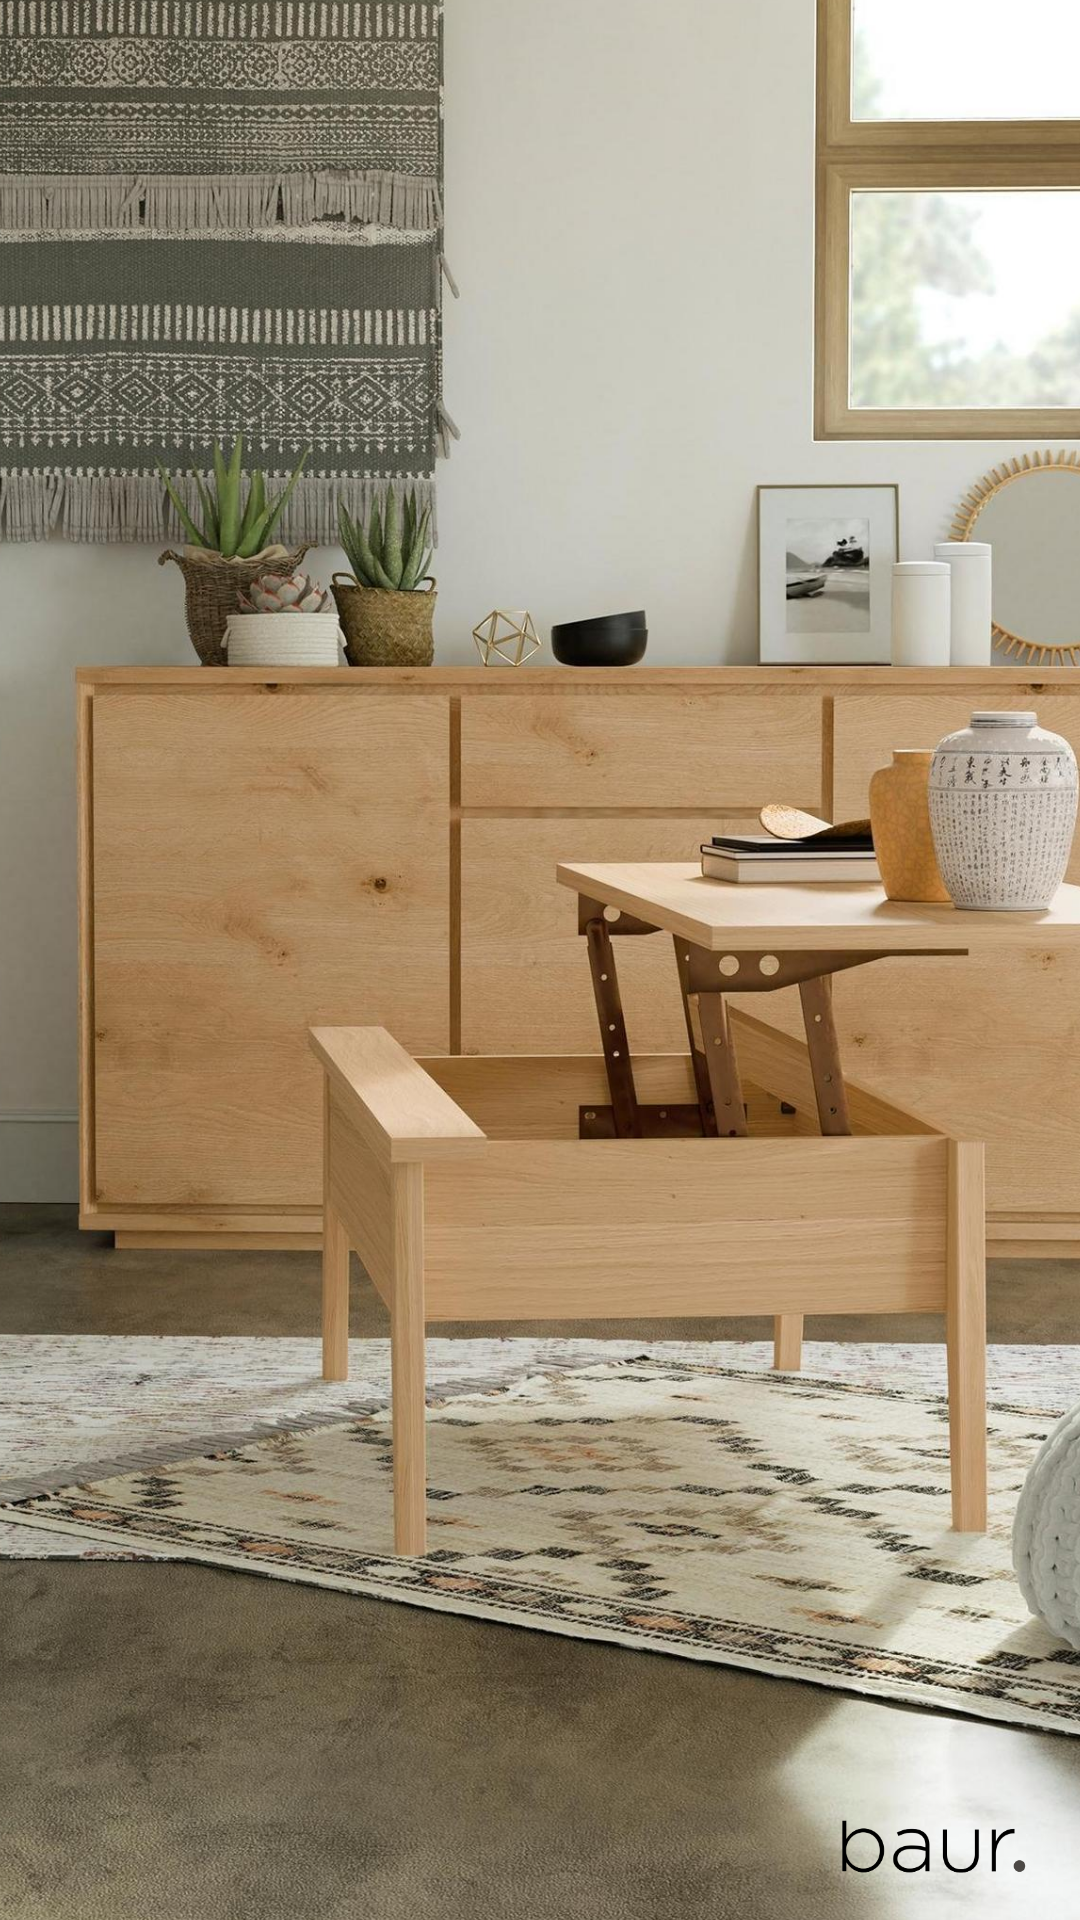 Sideboard Jetzt Auf Baur De Entdecken Einrichtungsideen Mit Sideboard In 2020 Home Decor Furniture Decor